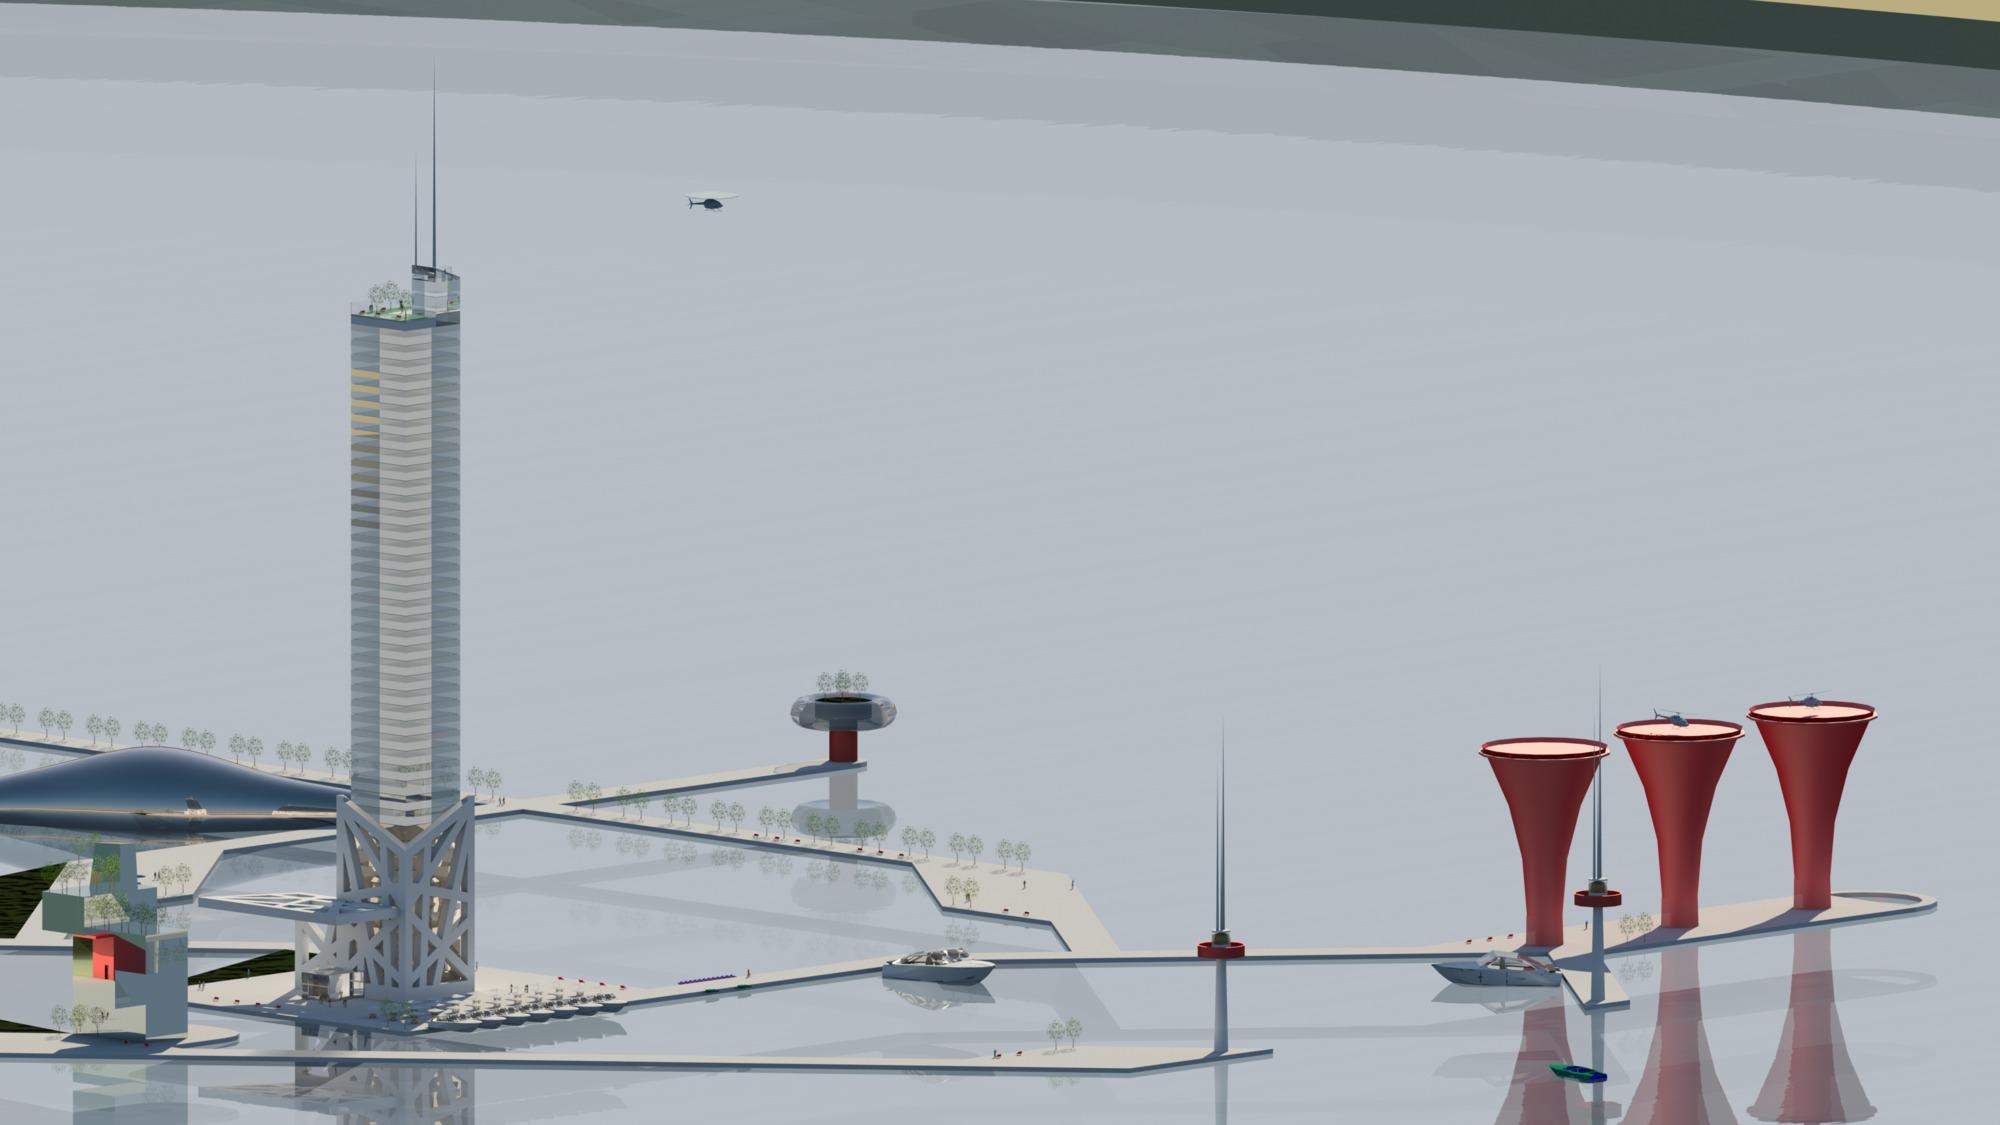 Raas-rendering20150206-18426-6x4mg9